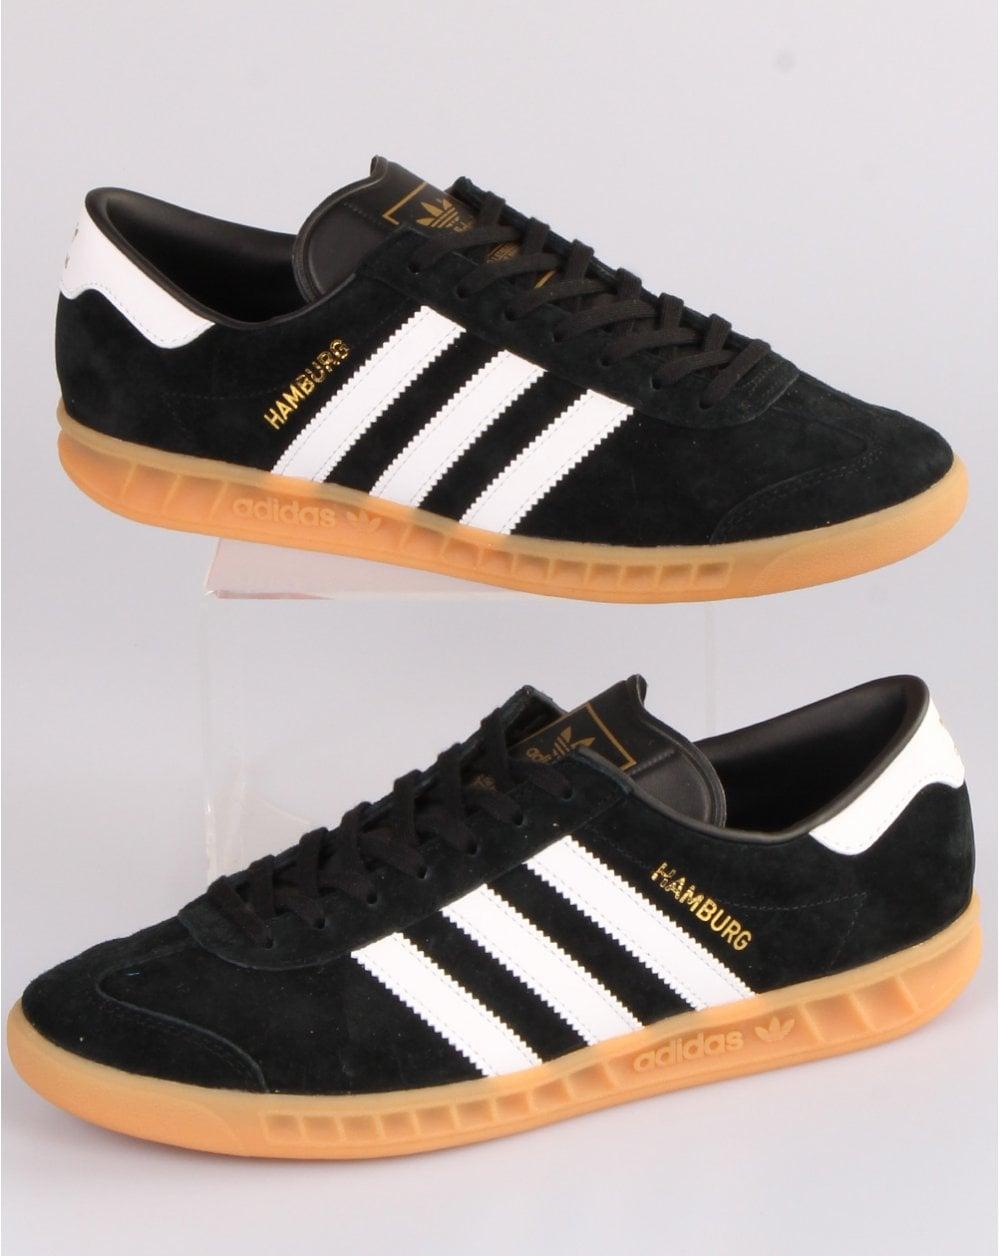 Adidas Hamburg Trainers Black/White/Gum